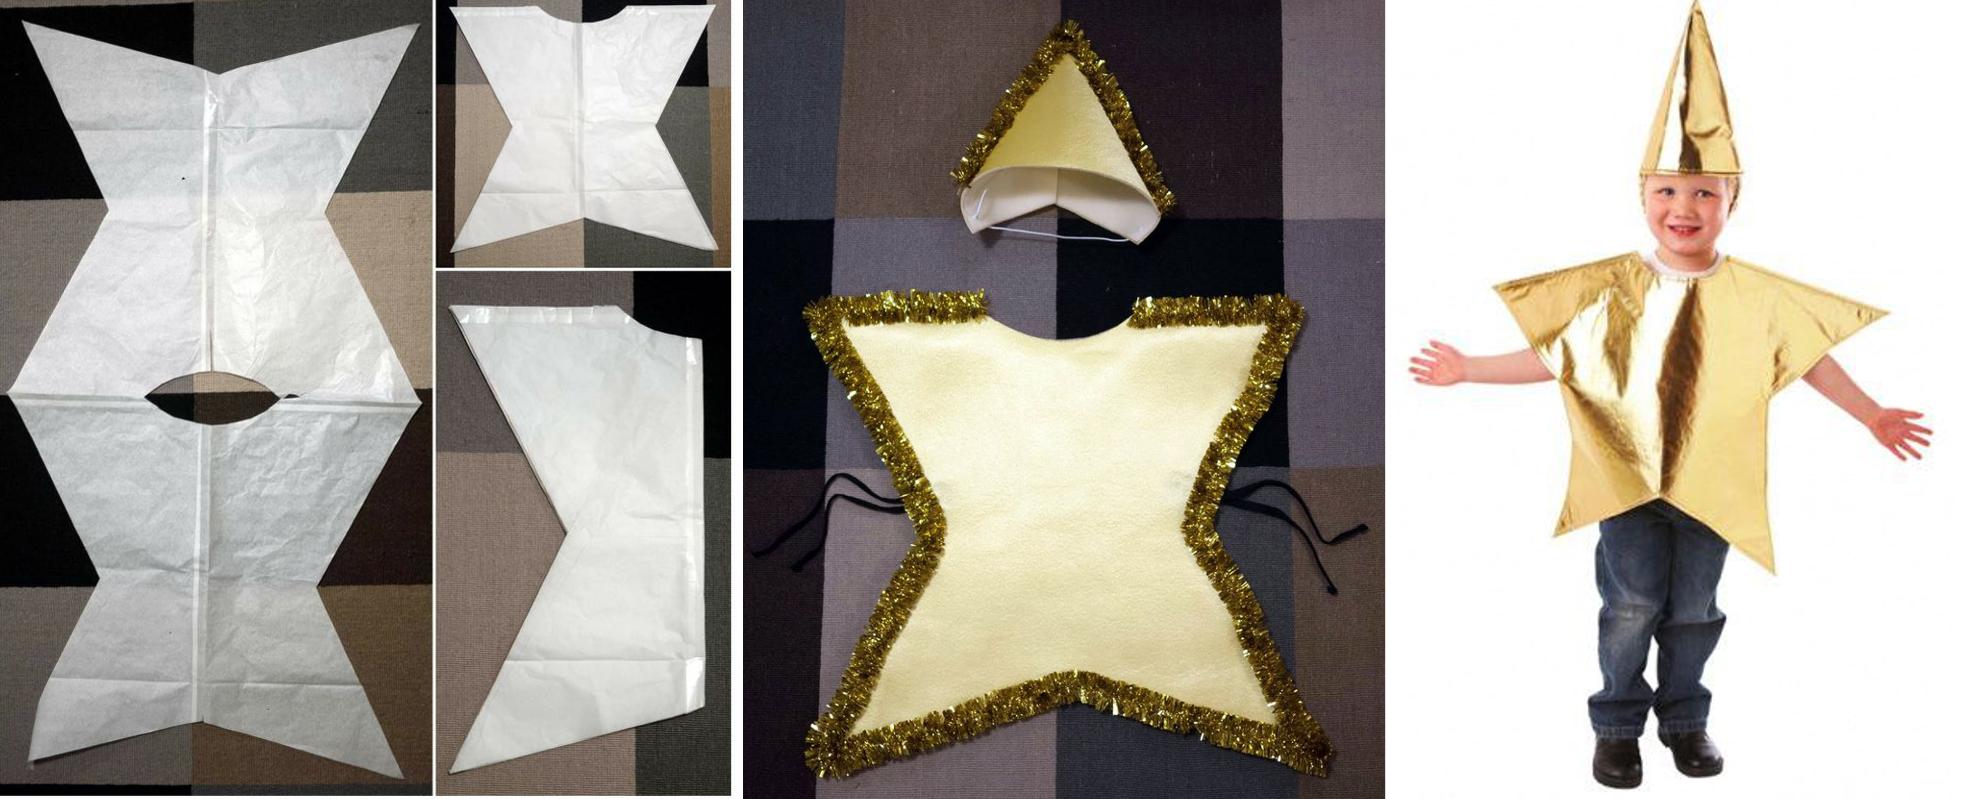 Como Hacer Un Disfraz De Arbol De Navidad Finest Disfraz Arbol De - Como-hacer-disfraces-de-navidad